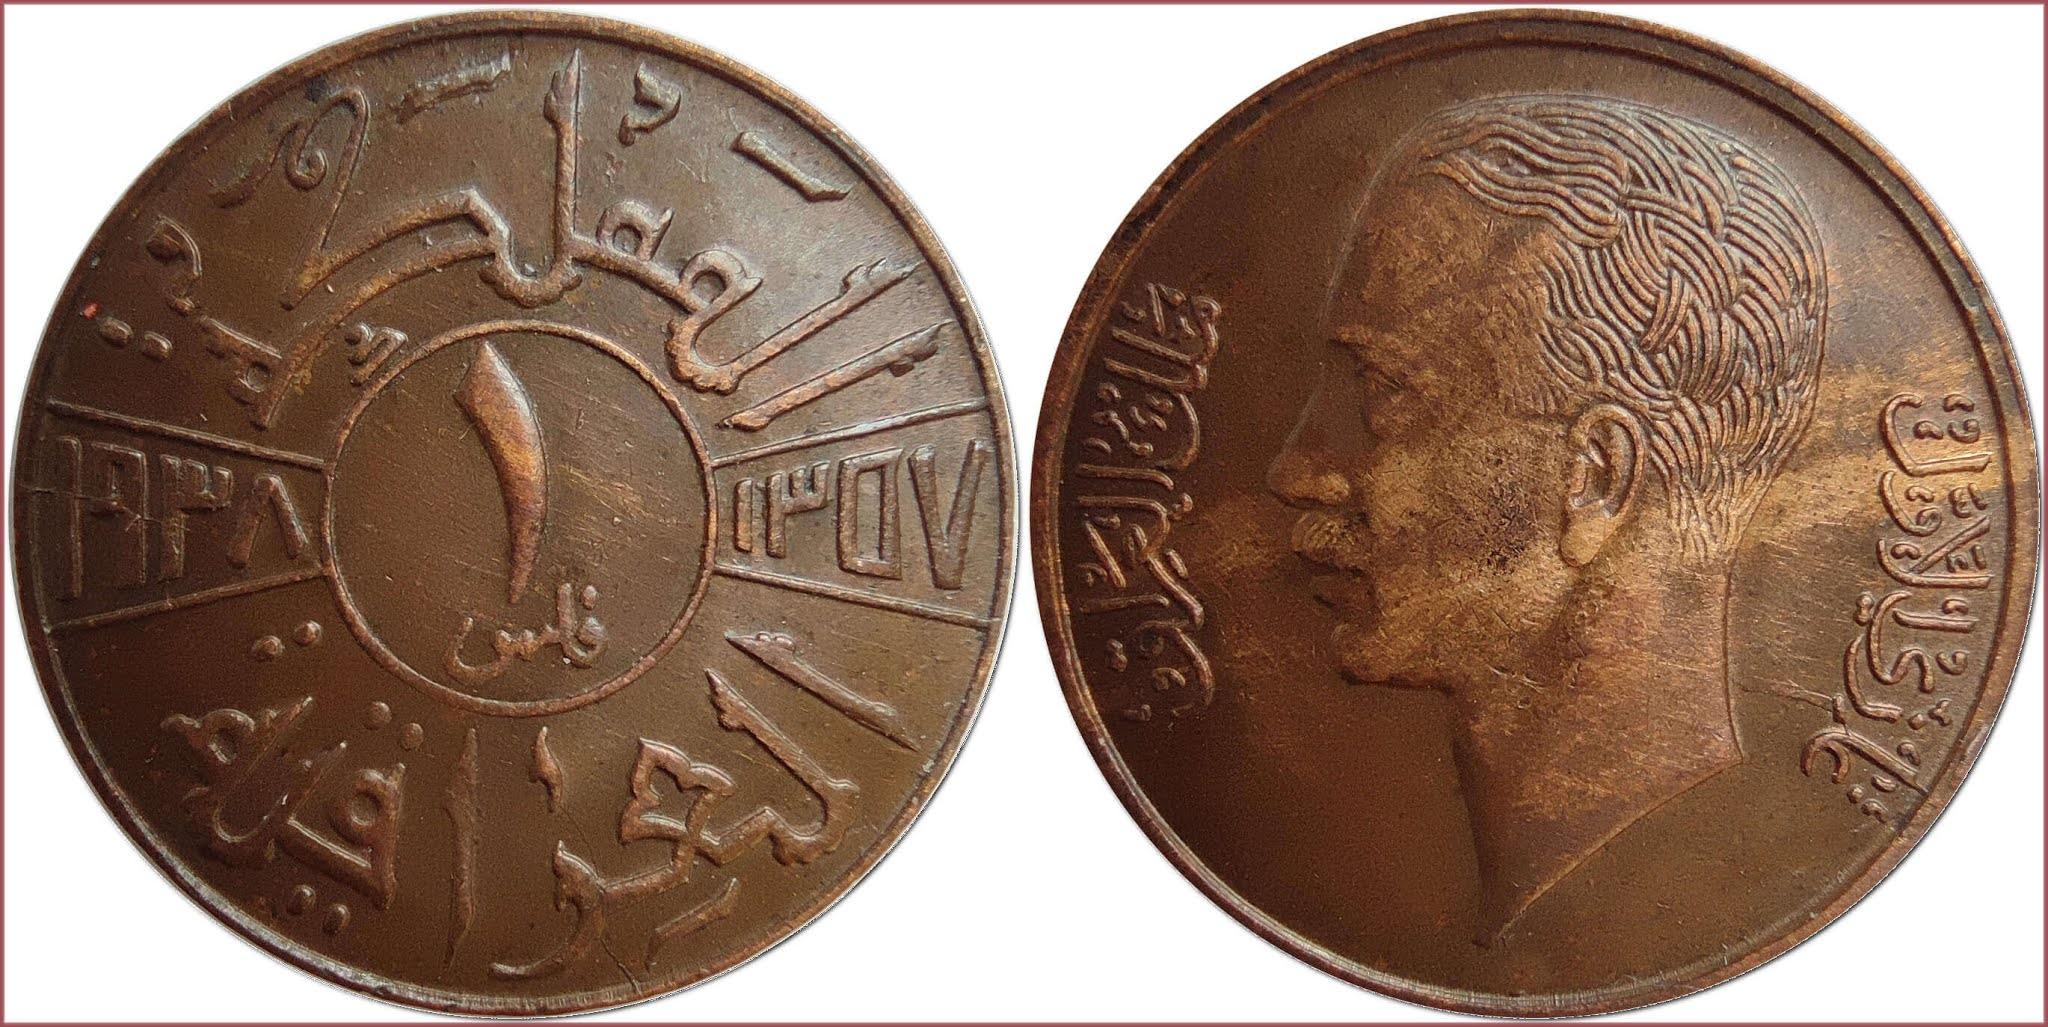 1 fils (فلس), 1938: Hashemite Kingdom of Iraq